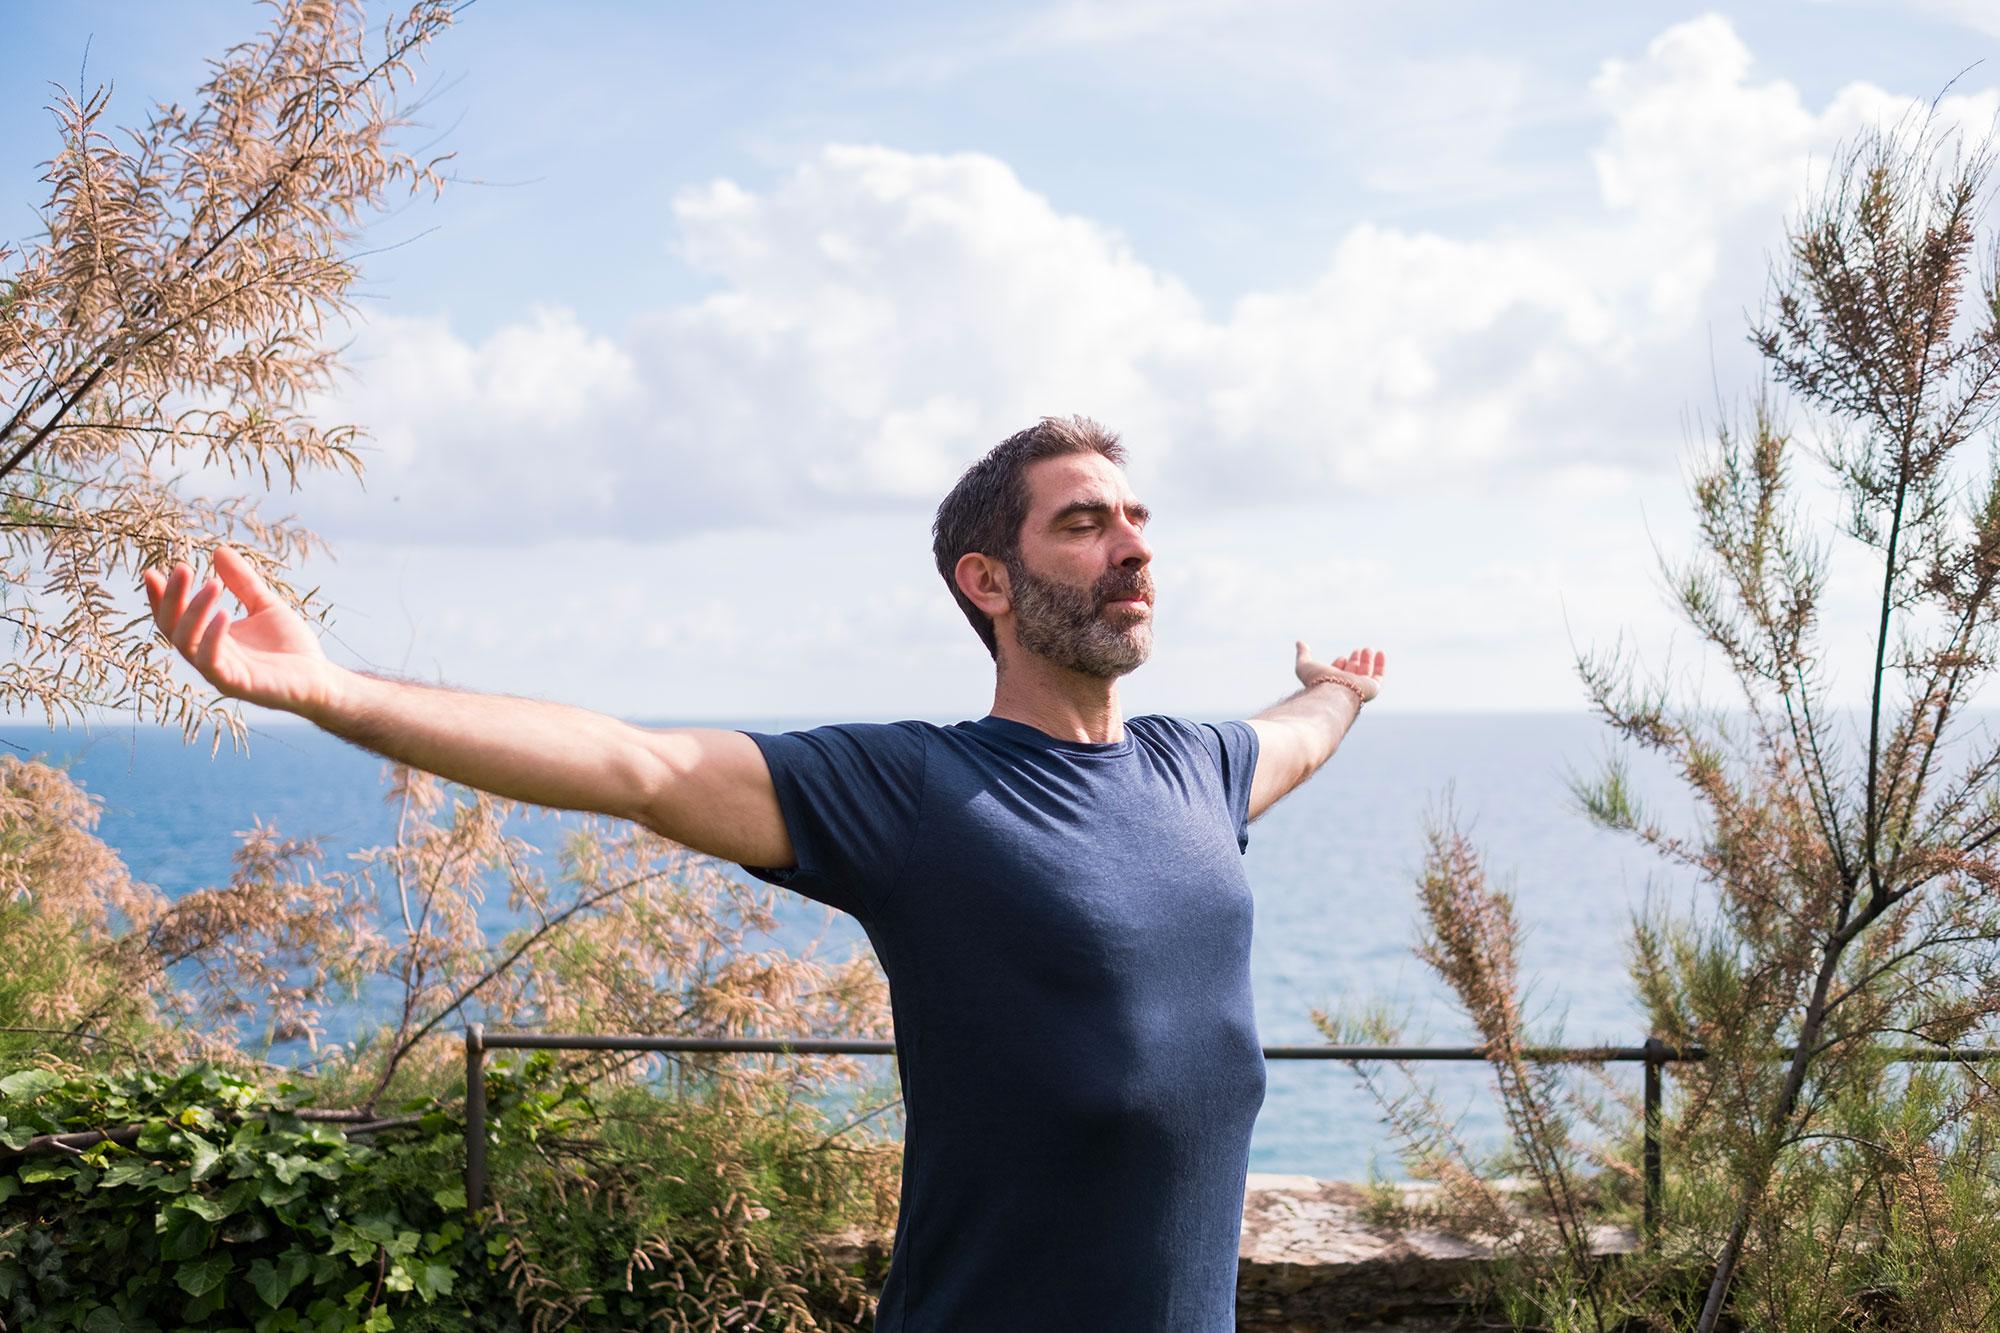 Workshop Online sulla Respirazione con Fisioterapista e Coach - Sabino de Bari